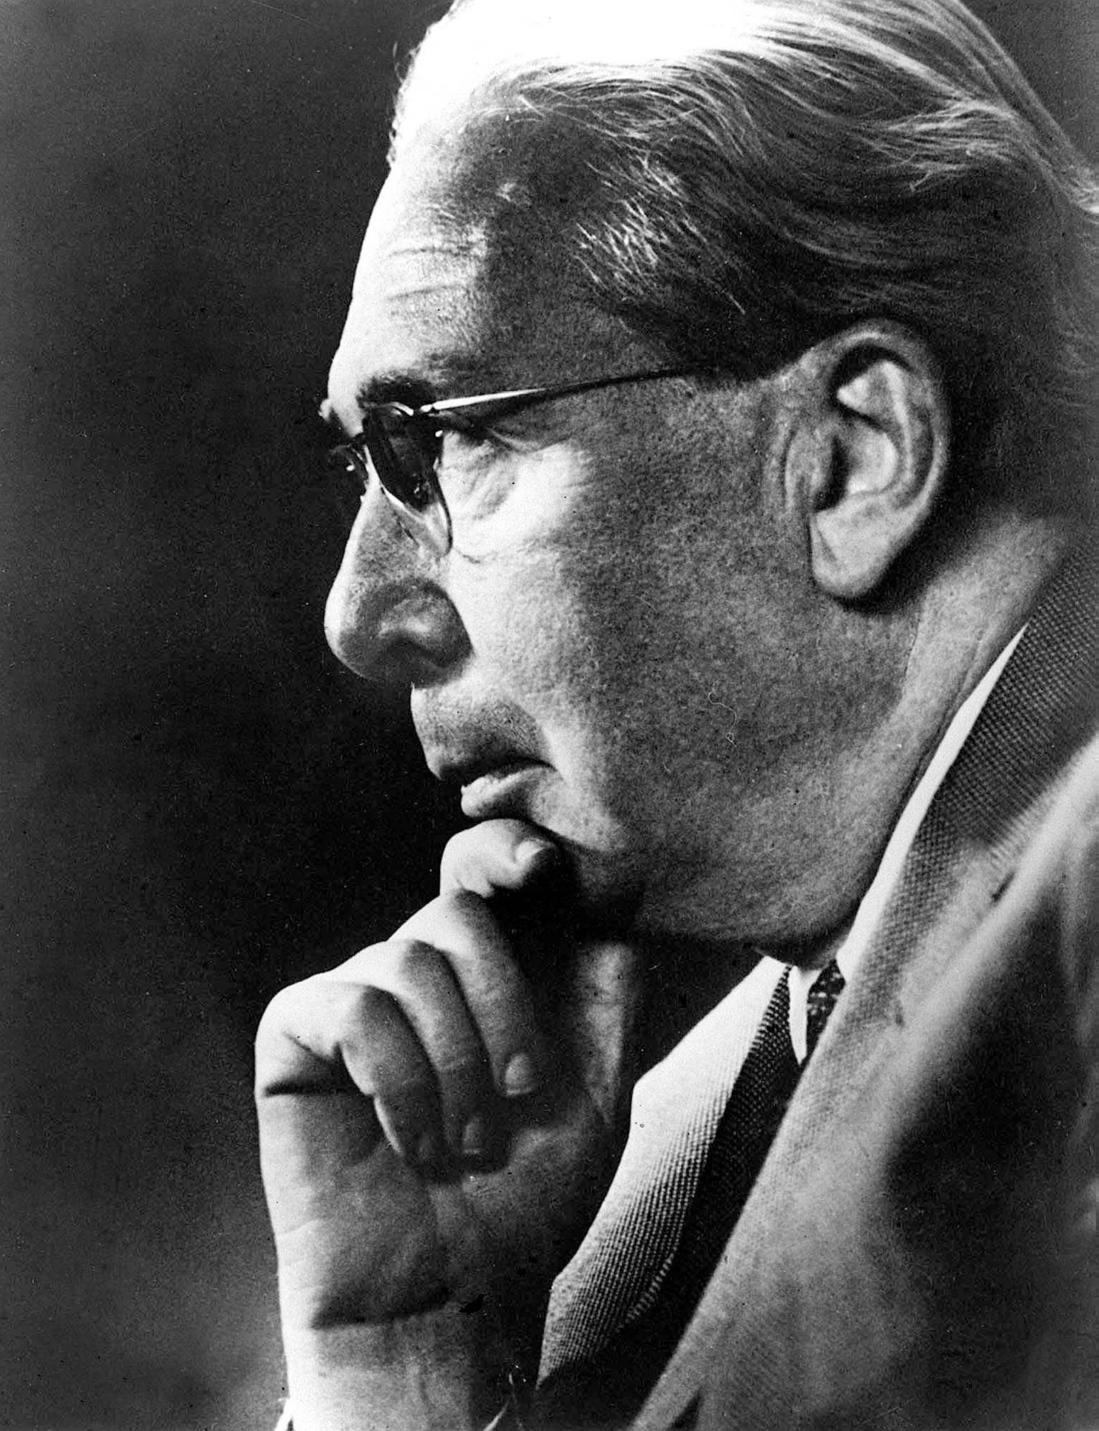 Amerikai Egyesült Államok, 1960-as évek Archív felvétel Szilárd Leó magyar származású amerikai Nobel-díjas atomfizikus, biofizikusról. Az eredeti felvétel készítésének pontos dátuma ismeretlen, a felvételt 1973-ban adták ki. (MTI/CP)